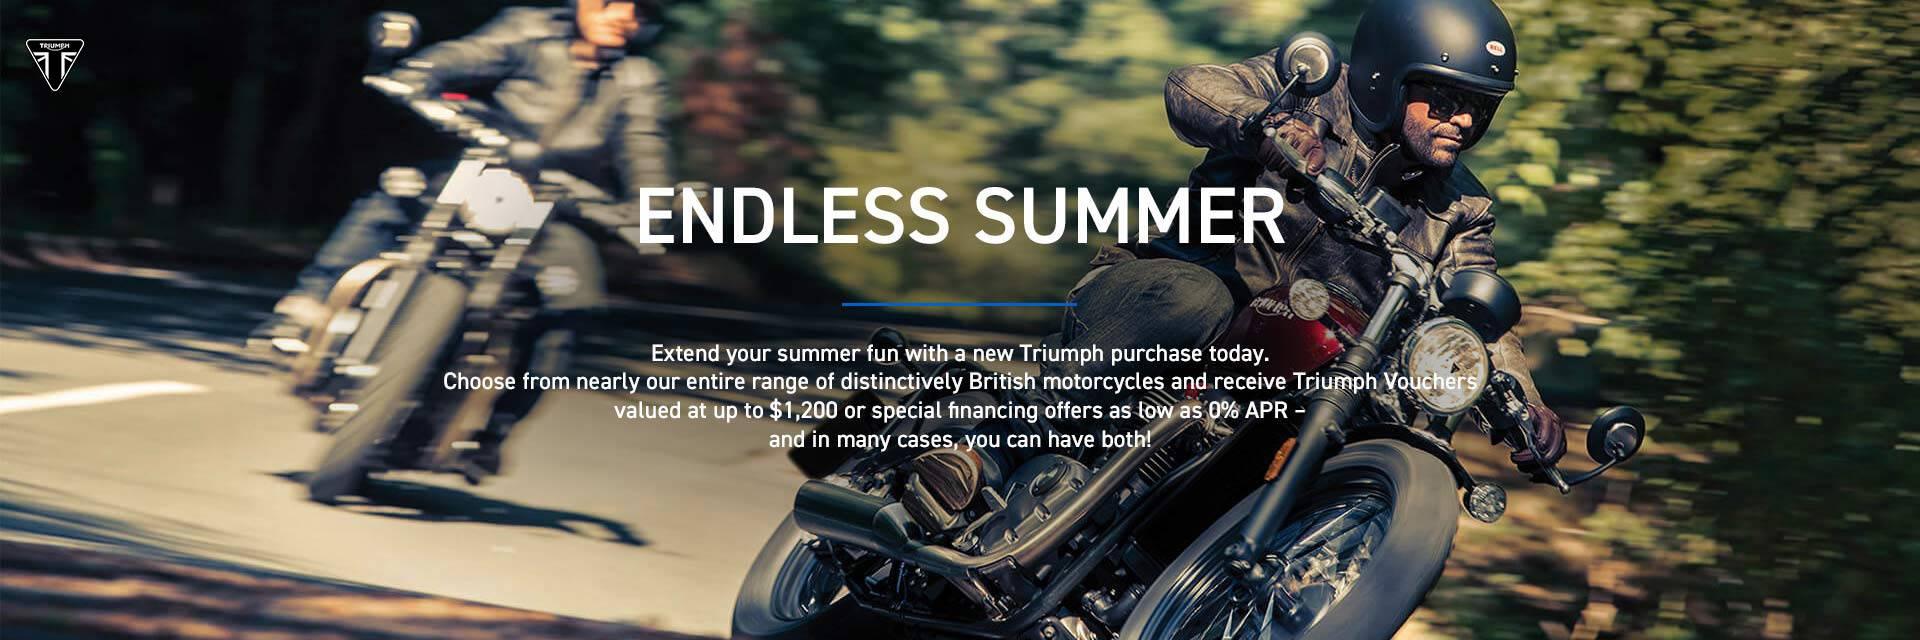 Triumph Endless Summer Event